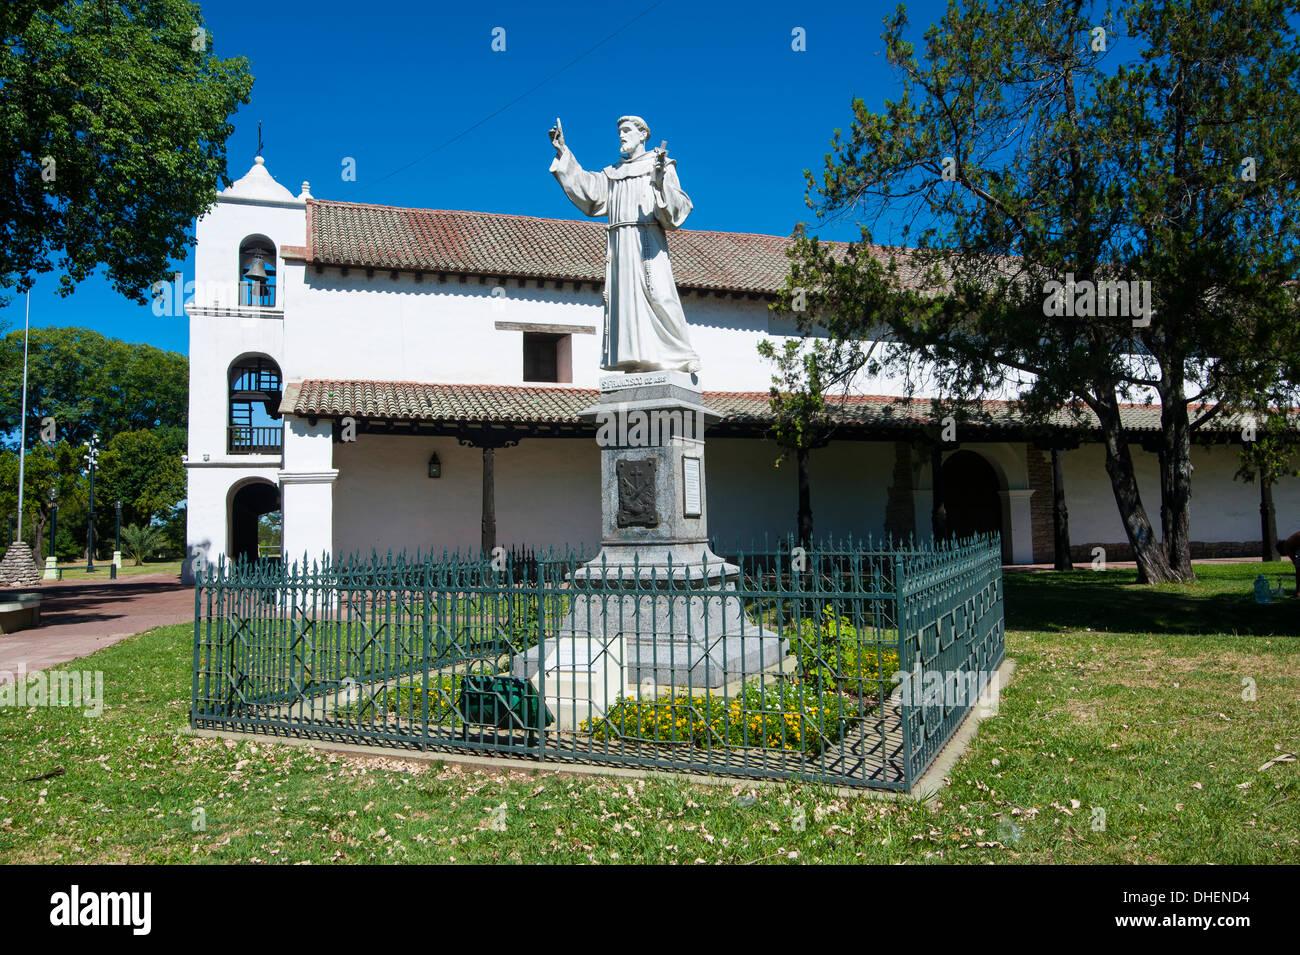 Monasterio en la Plaza de las Tres Culturas, Santa Fe, capital de la provincia de Santa Fe, Argentina Imagen De Stock